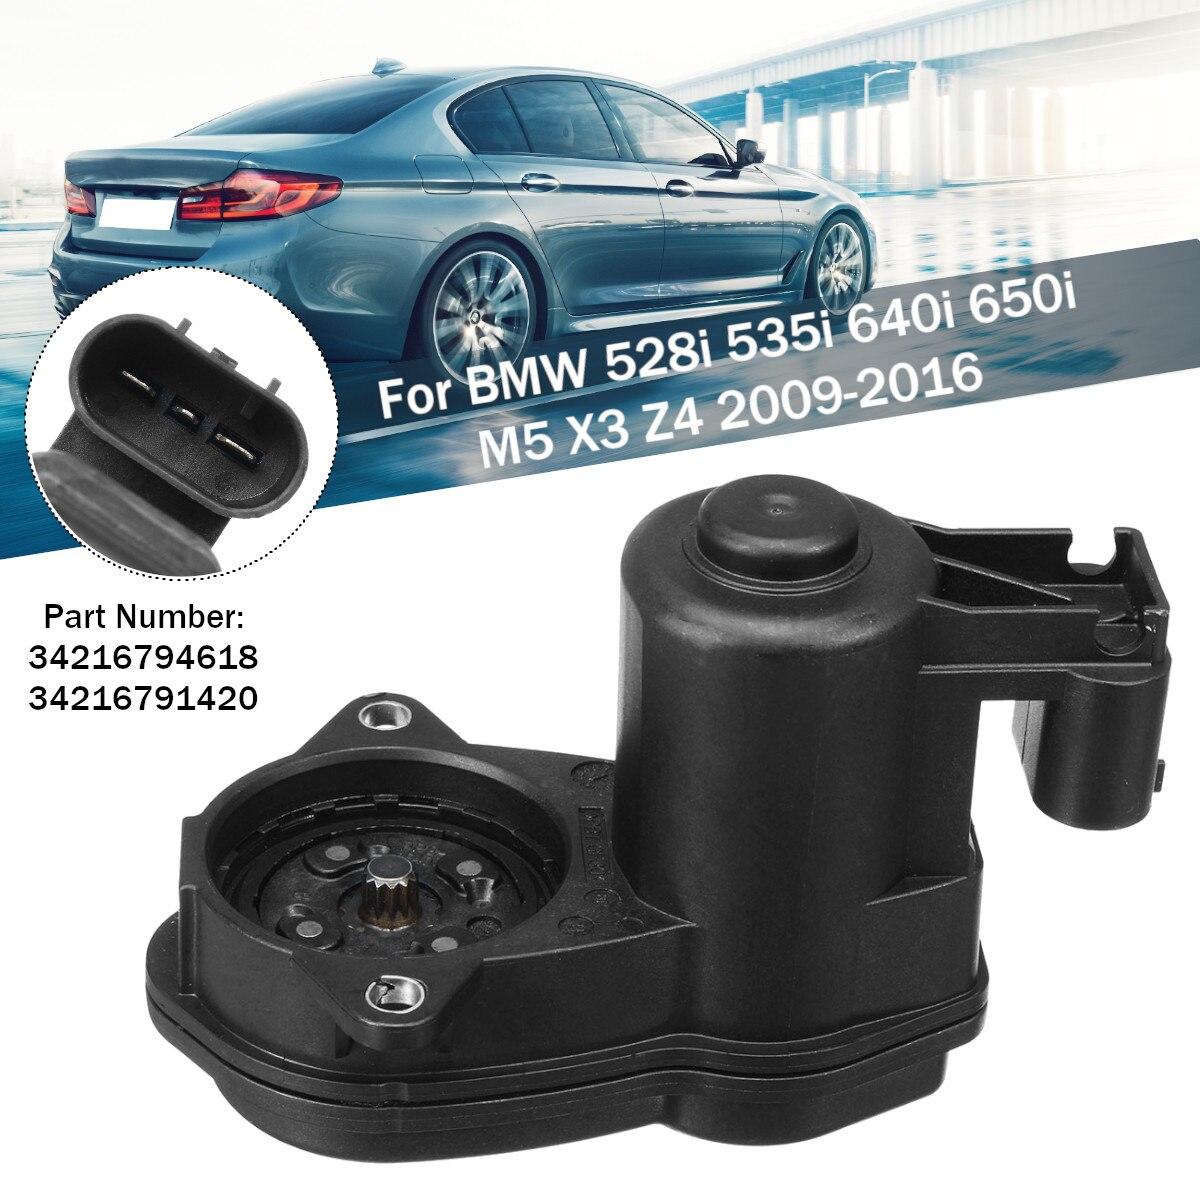 Voiture Arrière etrier de frein Moteur Pour BMW 528i 535i 640i 650i M5 X3 Z4 2009-2016 34216794618 34216791420